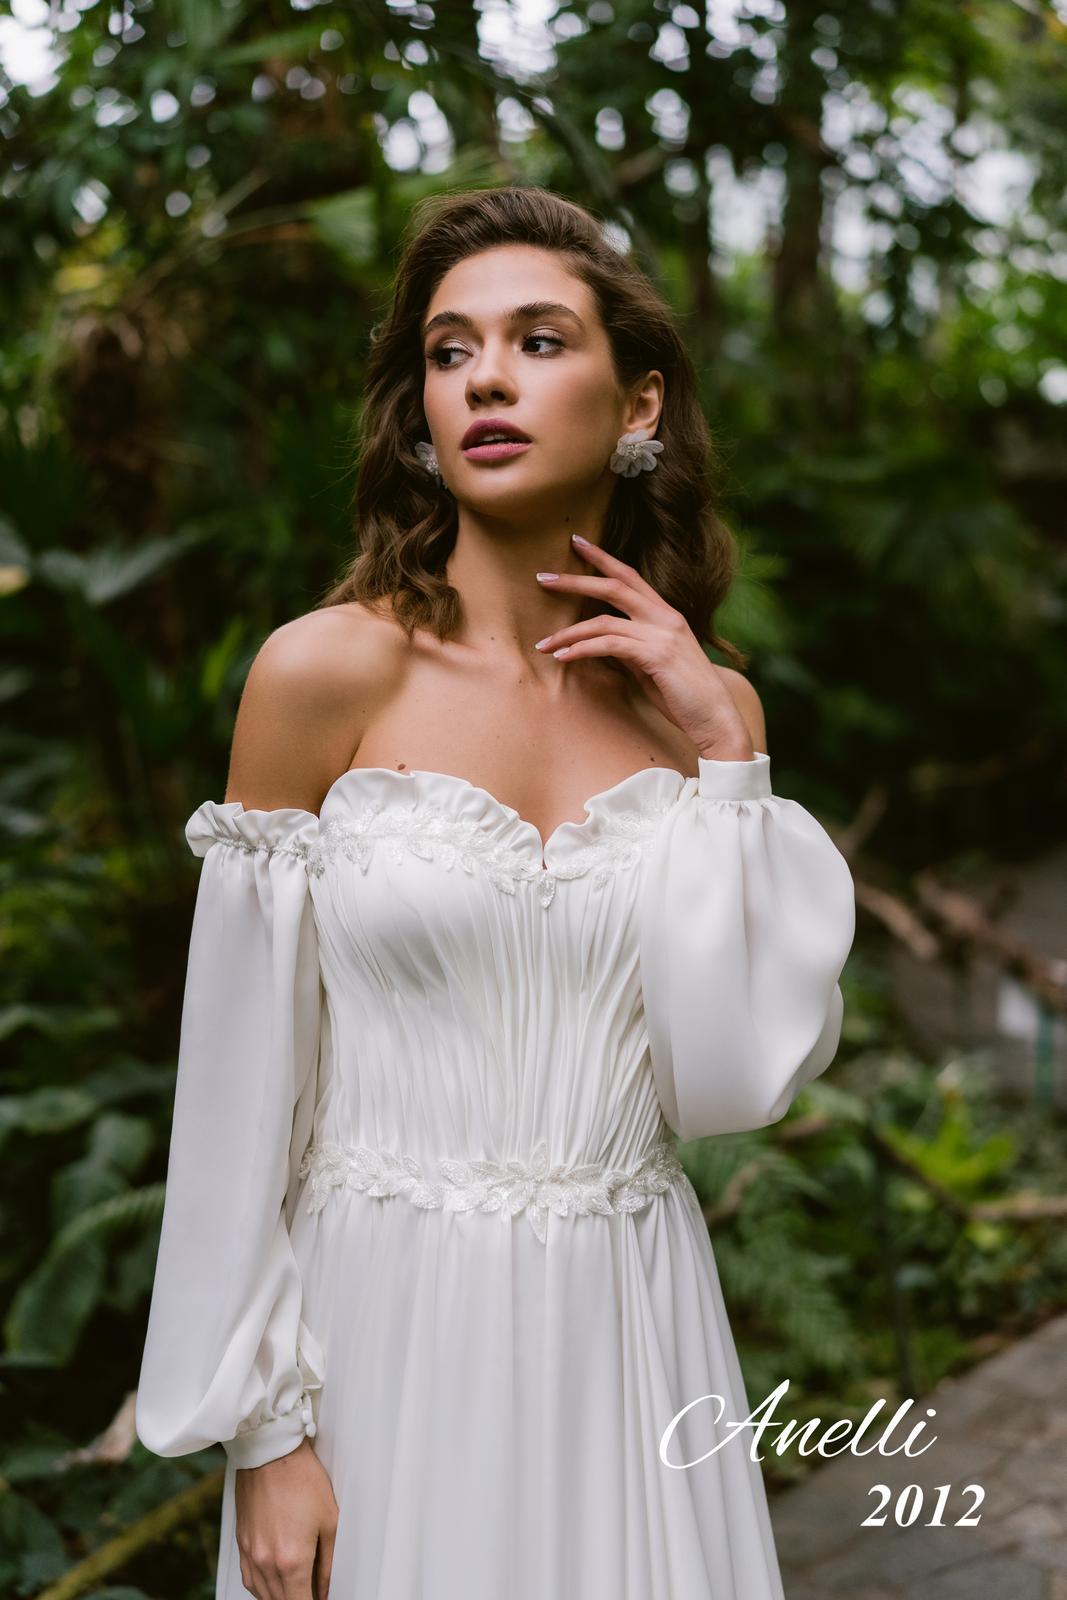 Svadobné šaty - Breeze 2012 - Obrázok č. 1